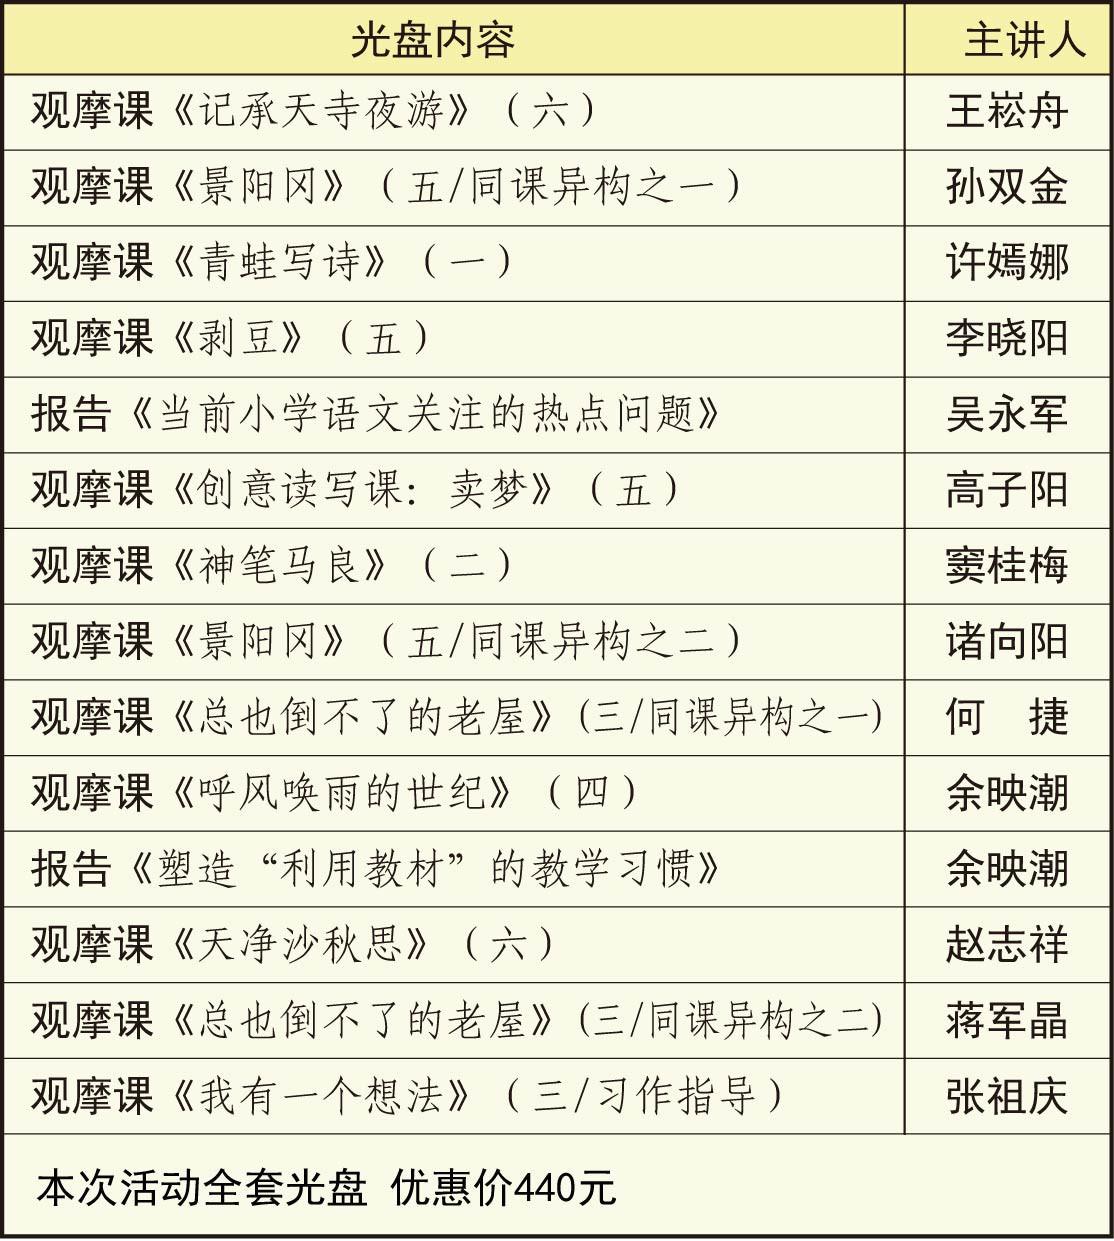 温州语文光盘图.jpg